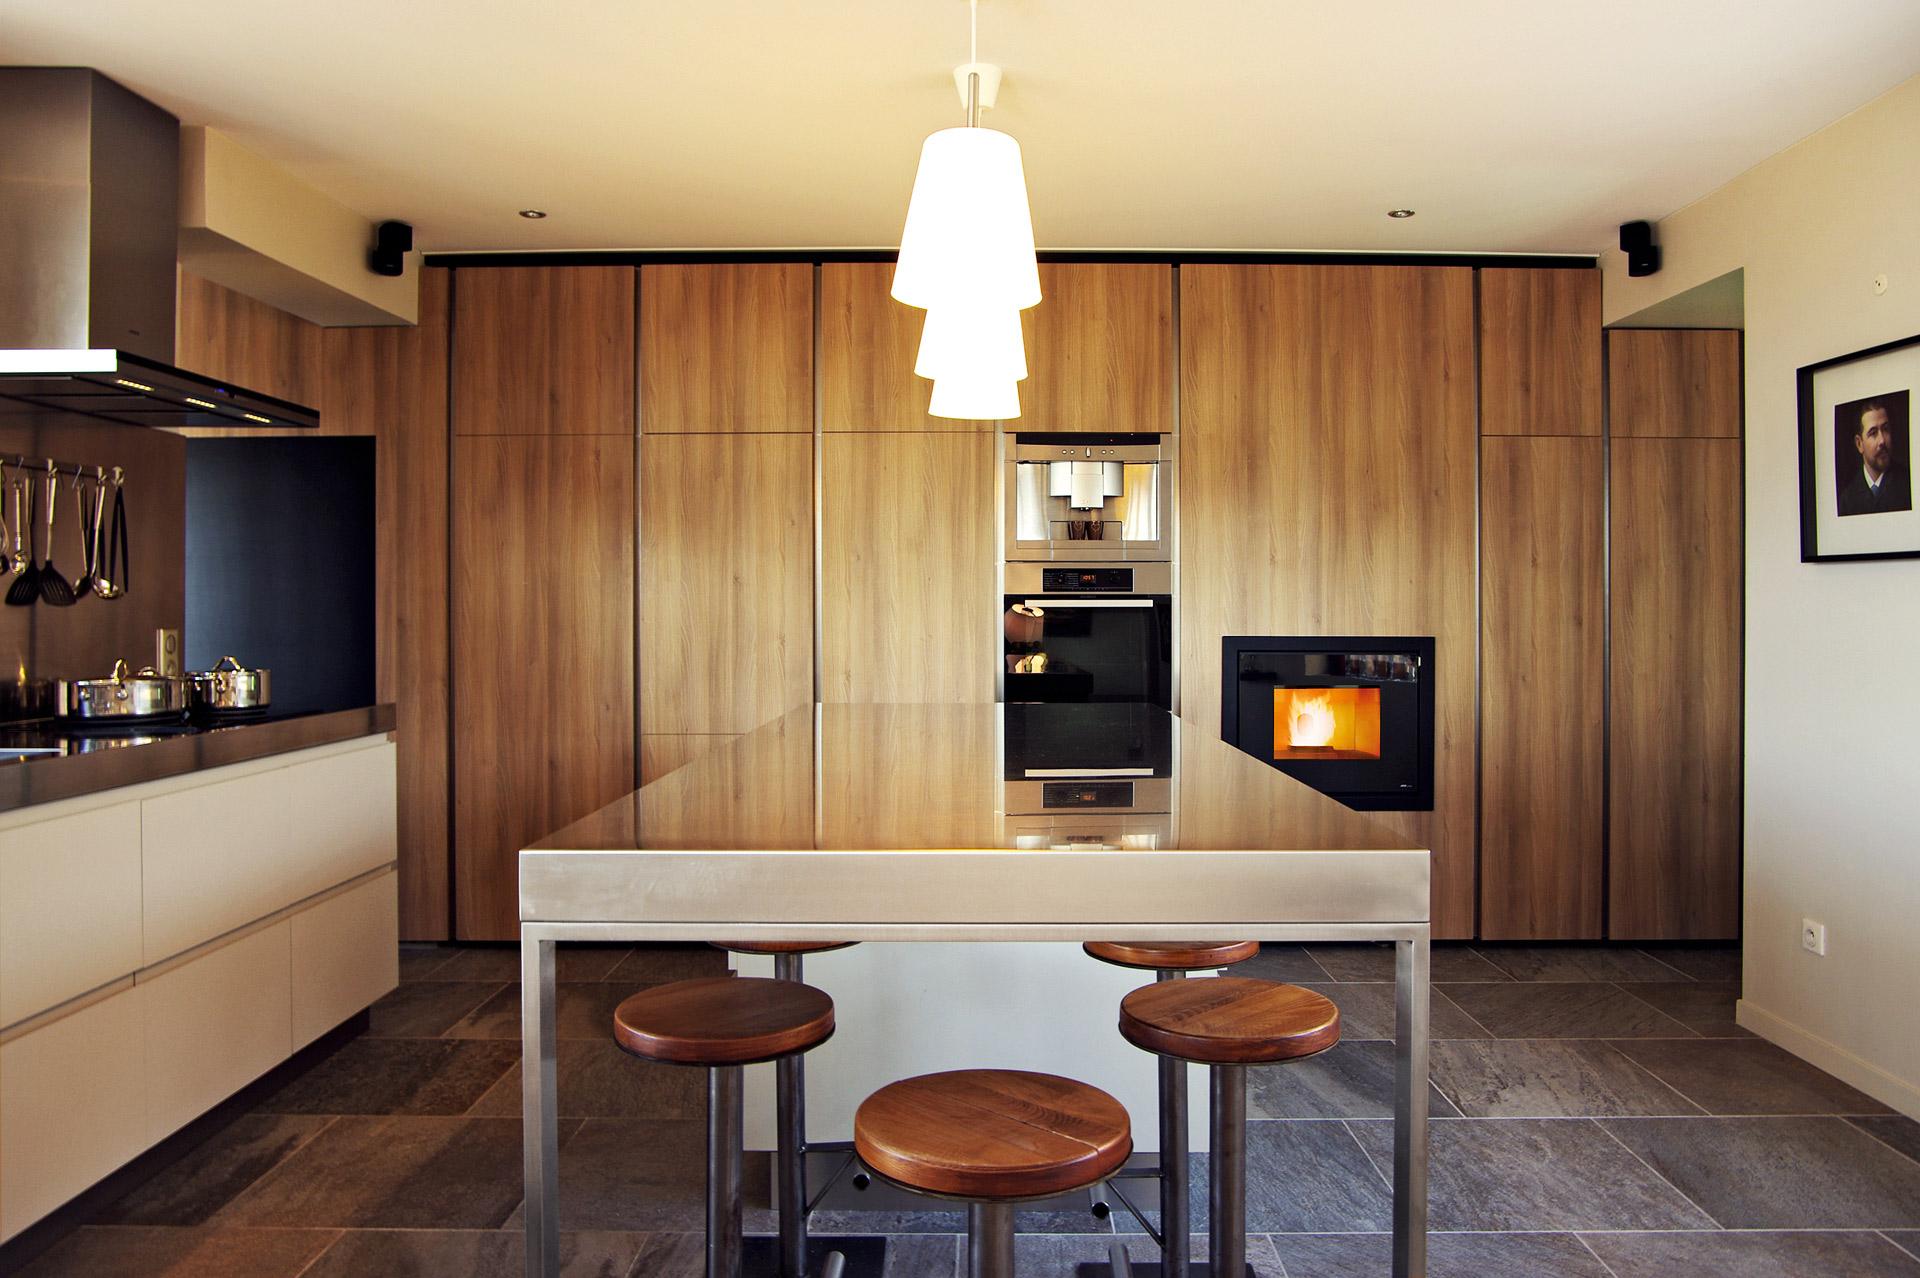 Pelletkamin in einer Küche MCZ